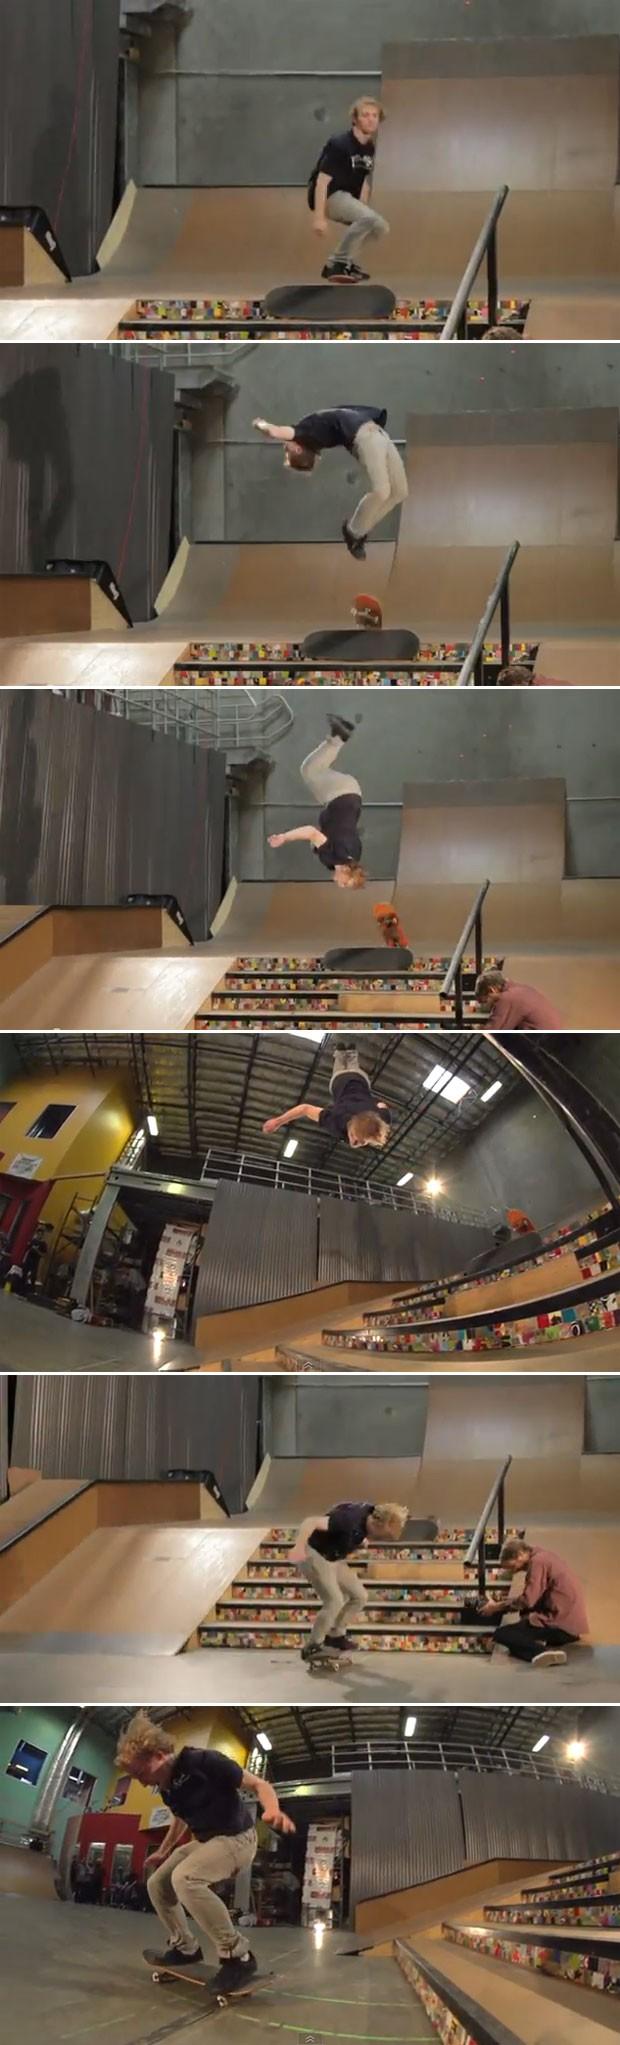 montagem Skate (Foto: Reprodução)